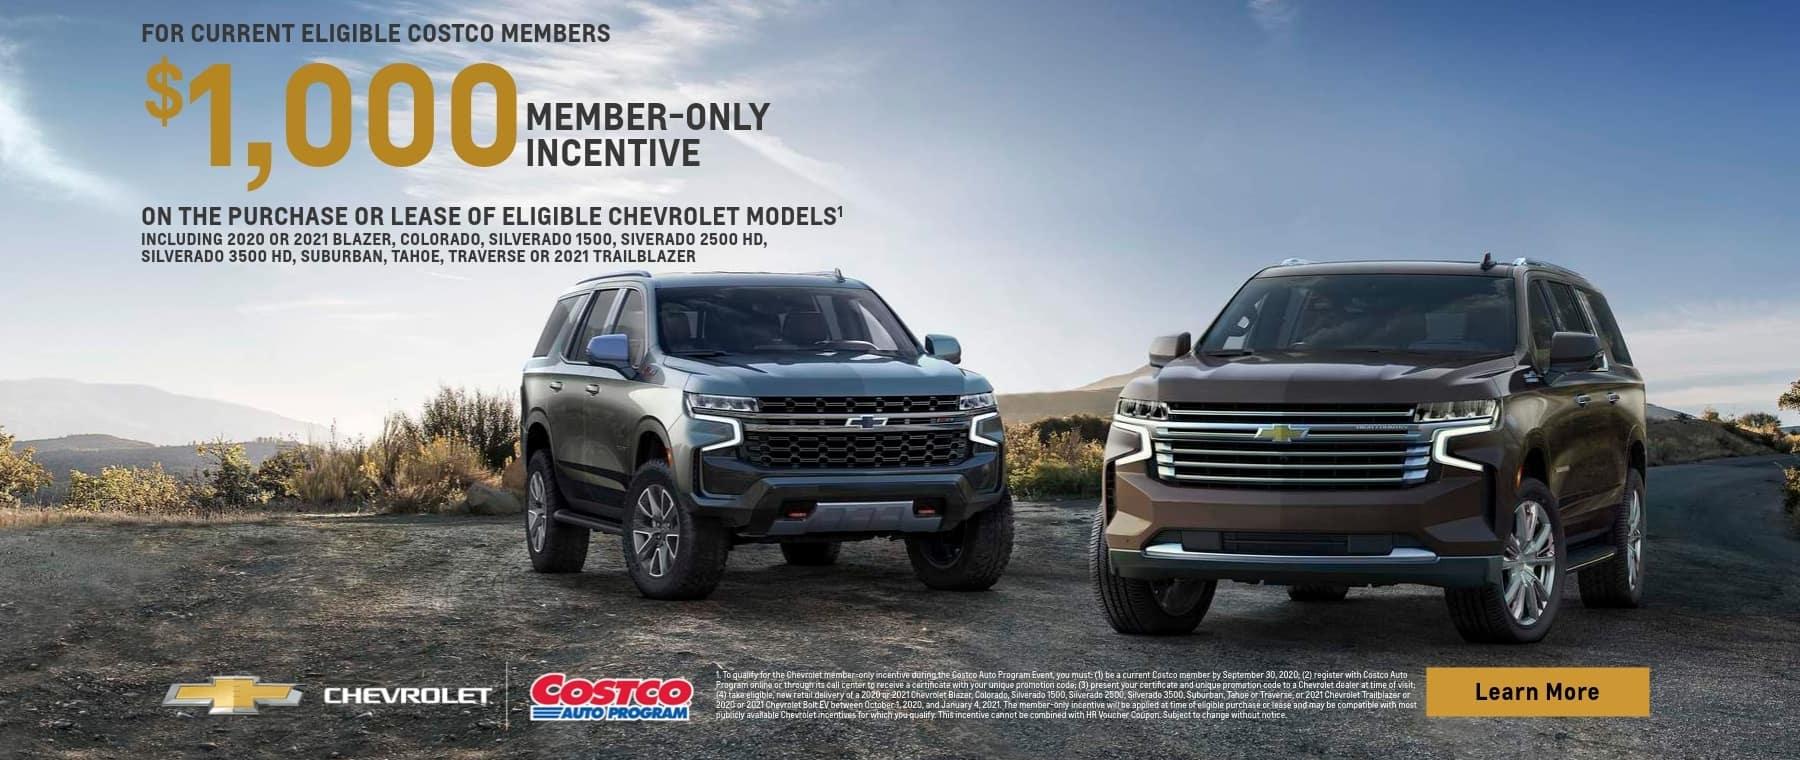 Costco Member $1,000 Incentive